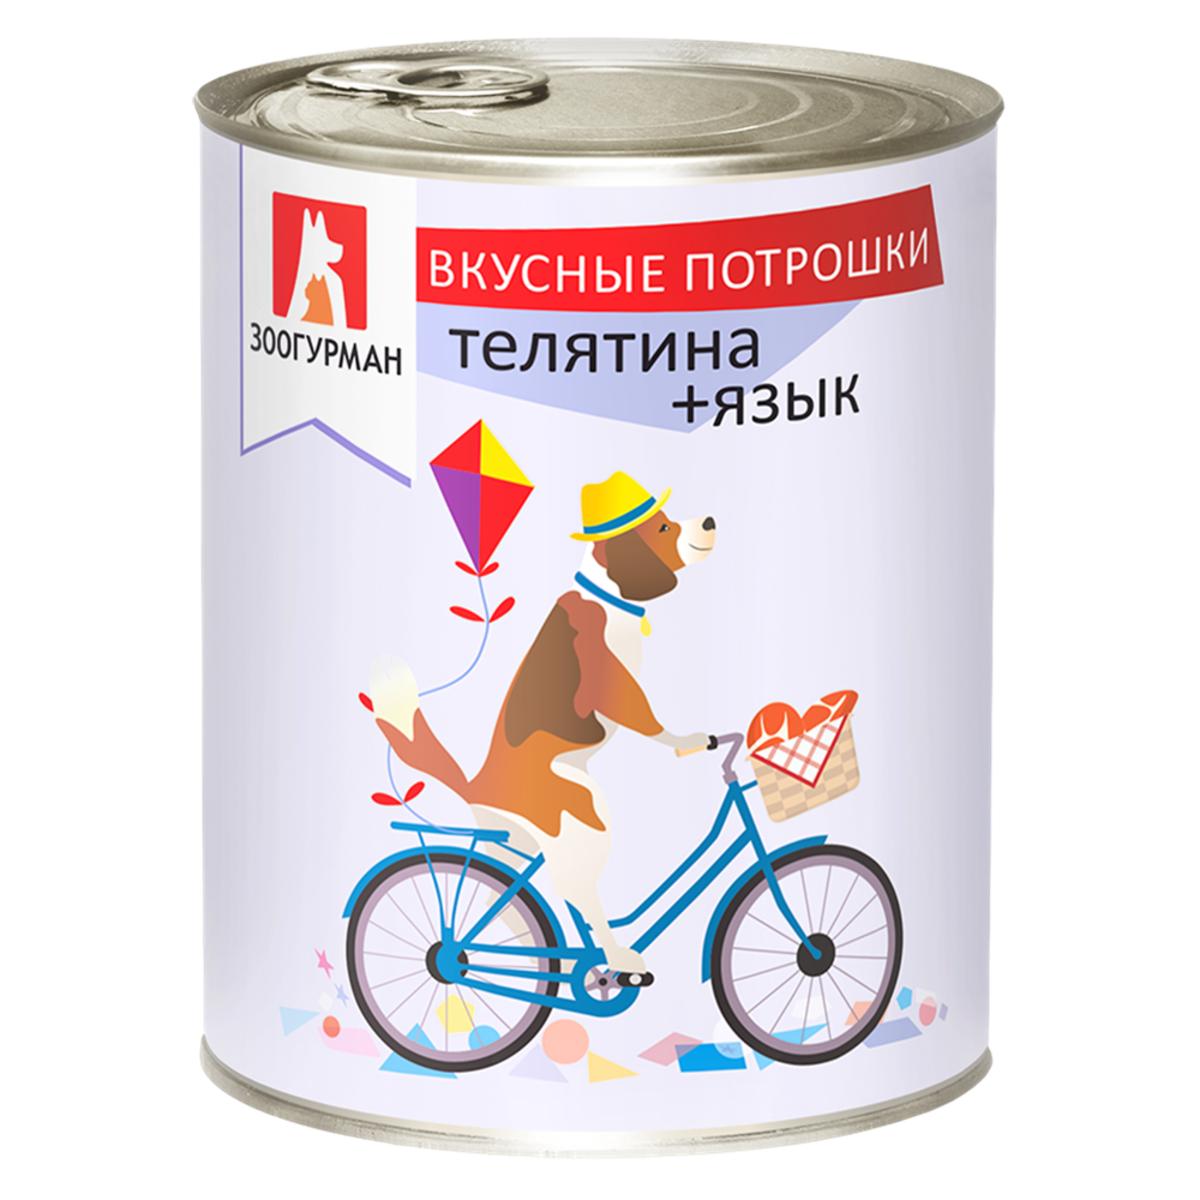 Влажный корм для собак Зоогурман Вкусные Потрошки Телятина+Язык 750г